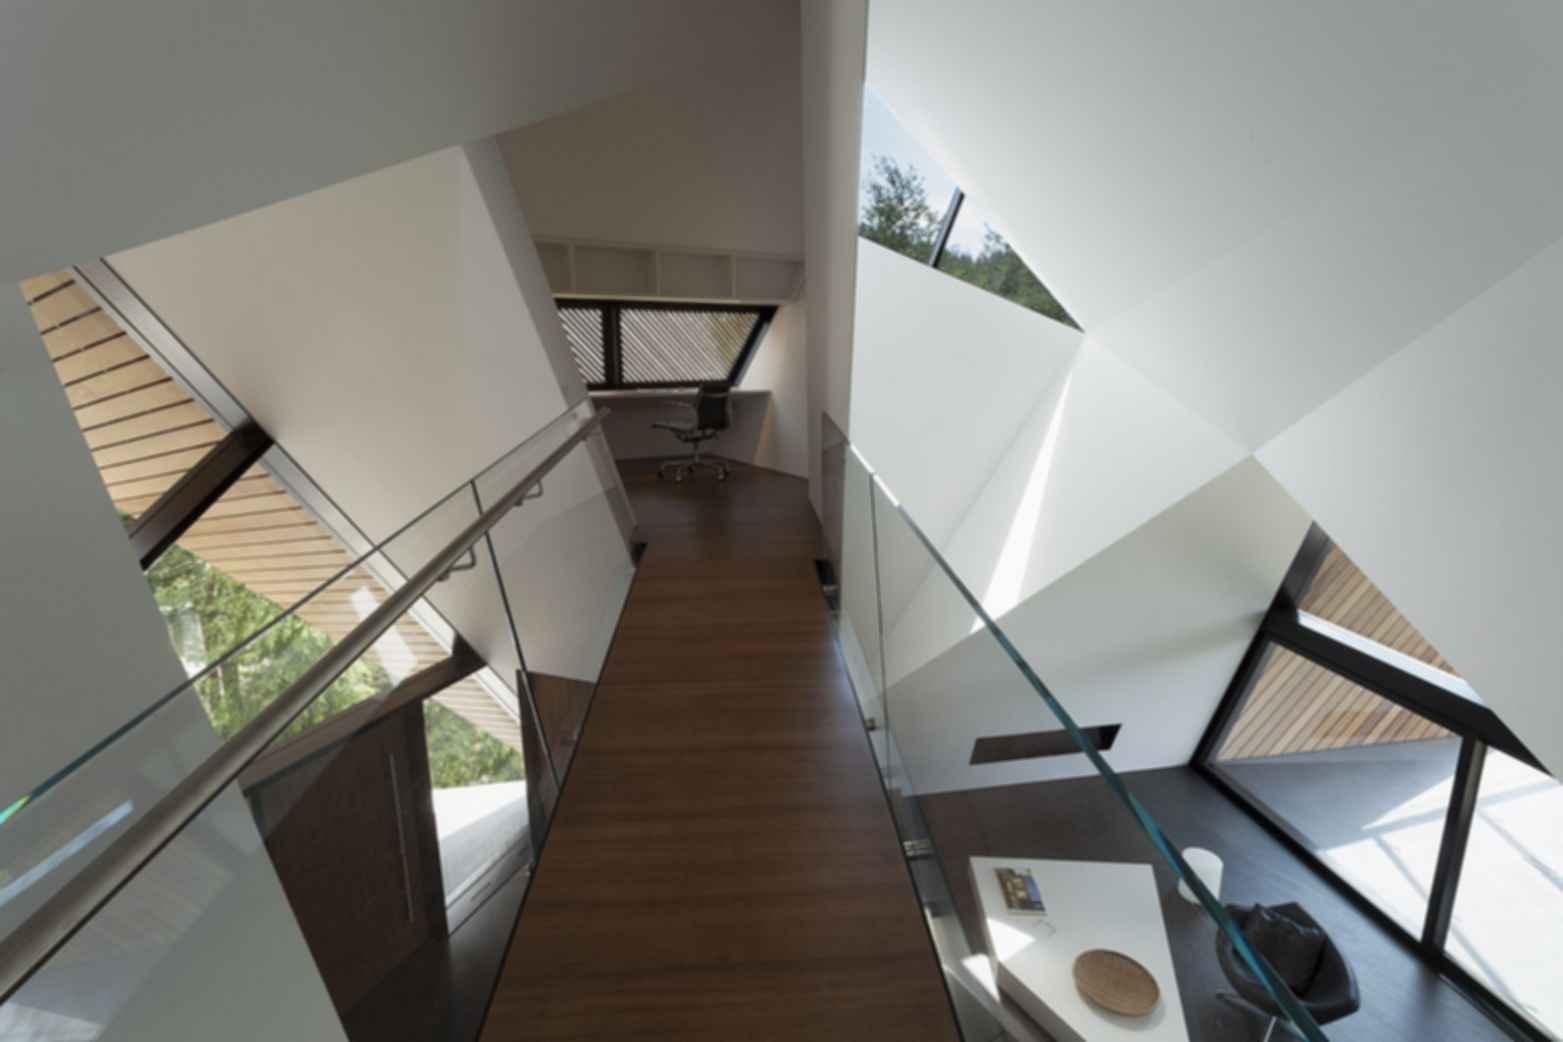 Hadaway House - Interior/Hallway